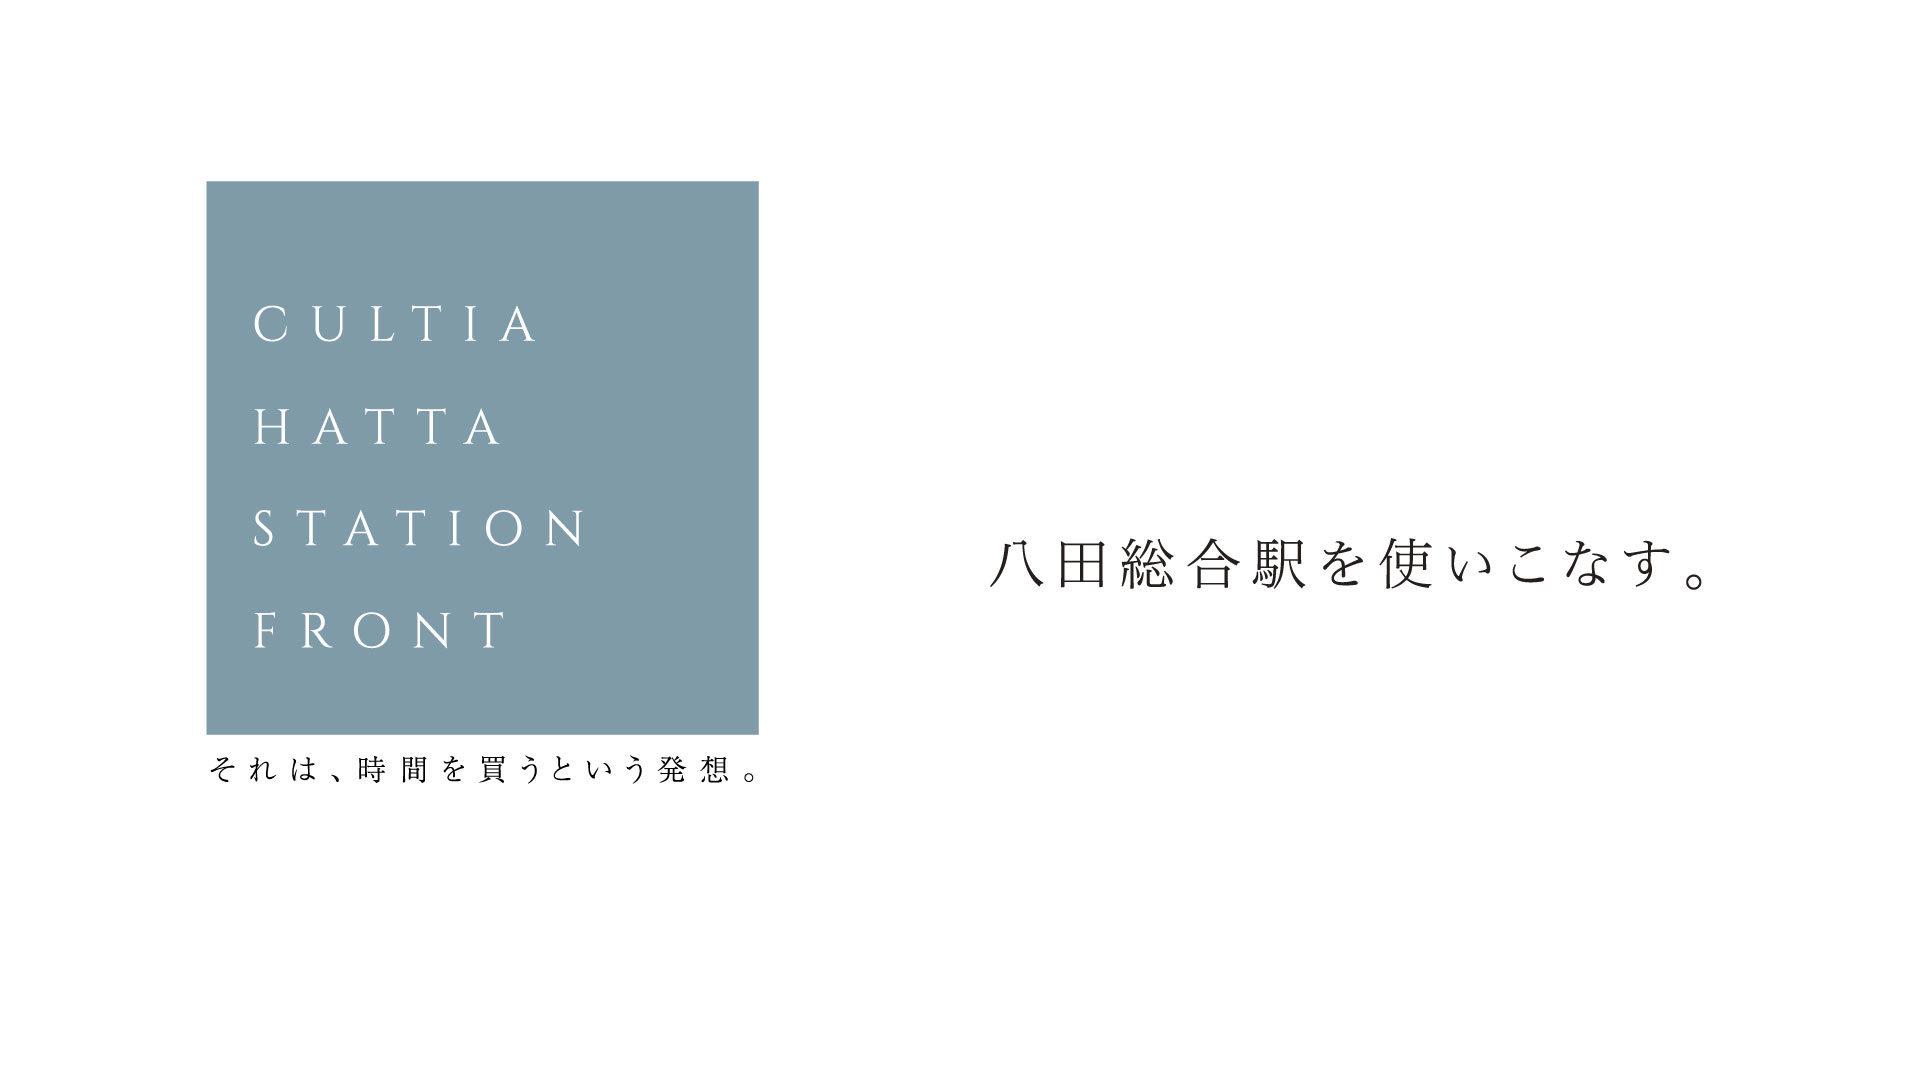 カルティア八田ステーションフロント『八田総合駅をスマートに使いこなす』